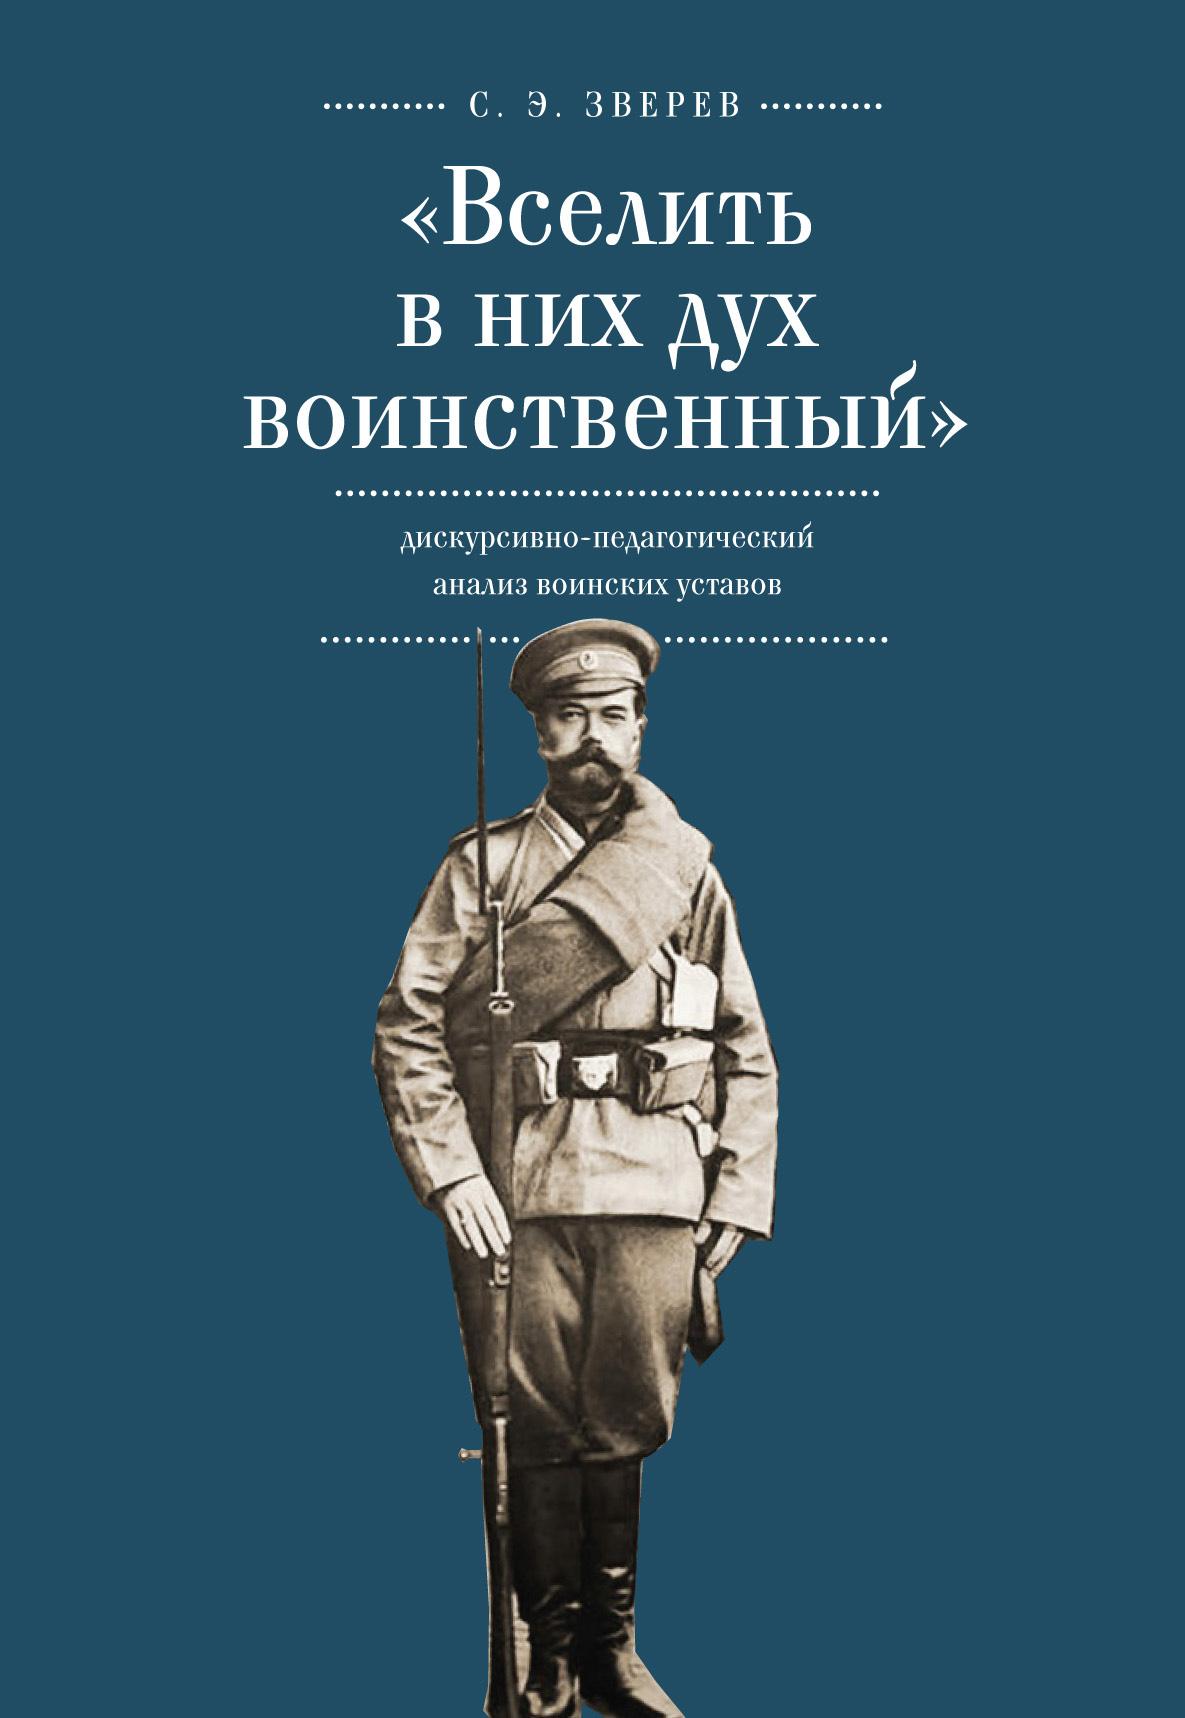 «Вселить в них дух воинственный»: дискурсивно-педагогический анализ воинских уставов